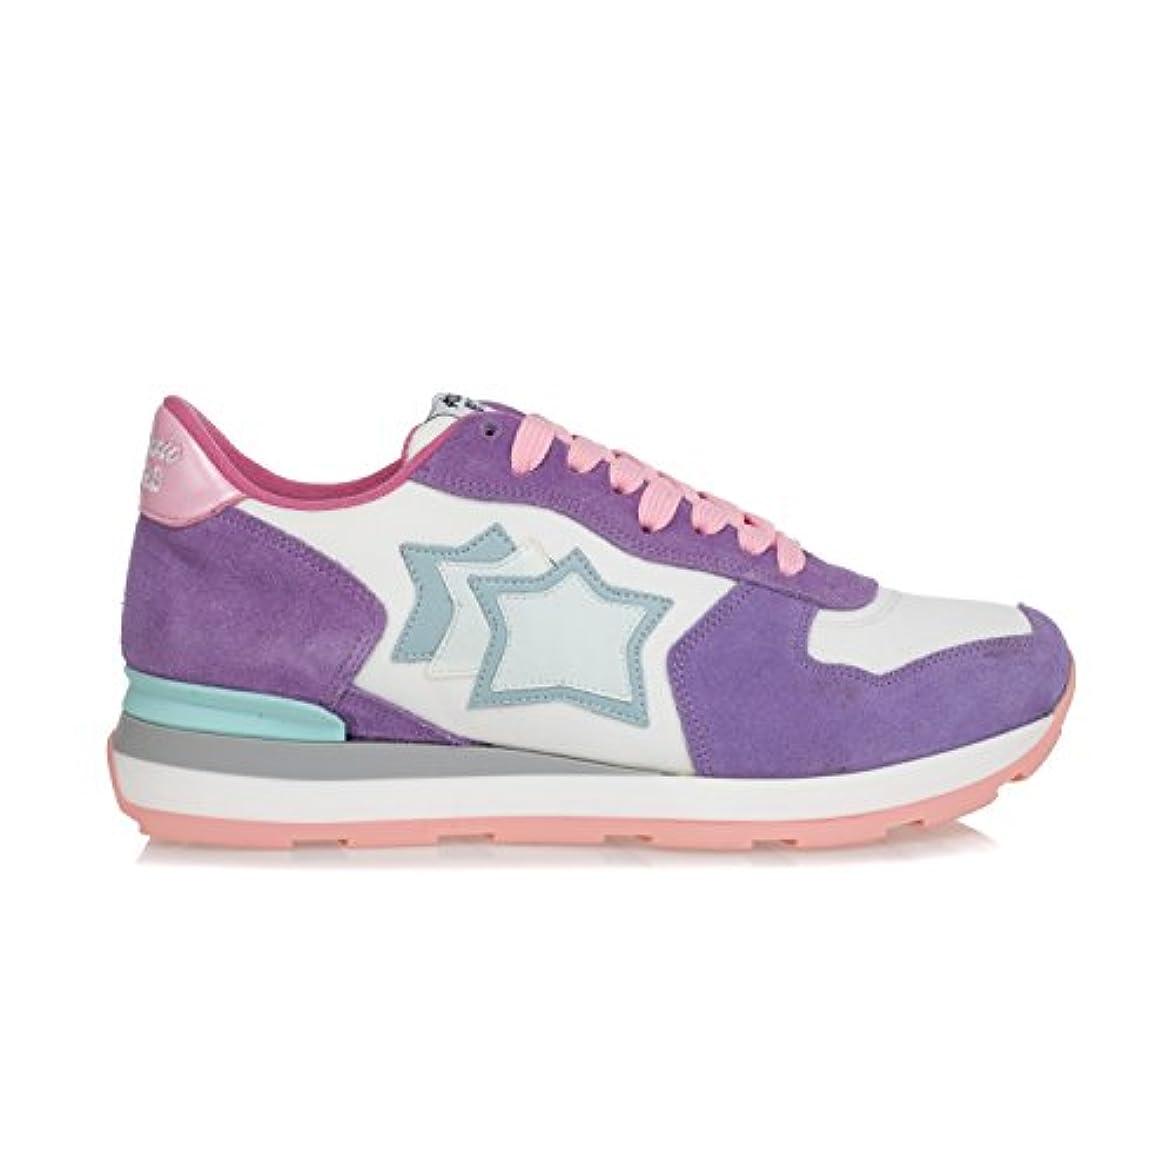 Atlantic Stars Scarpe Donna Sneakers 'vega' In Camoscio E Tessuto Tecnico